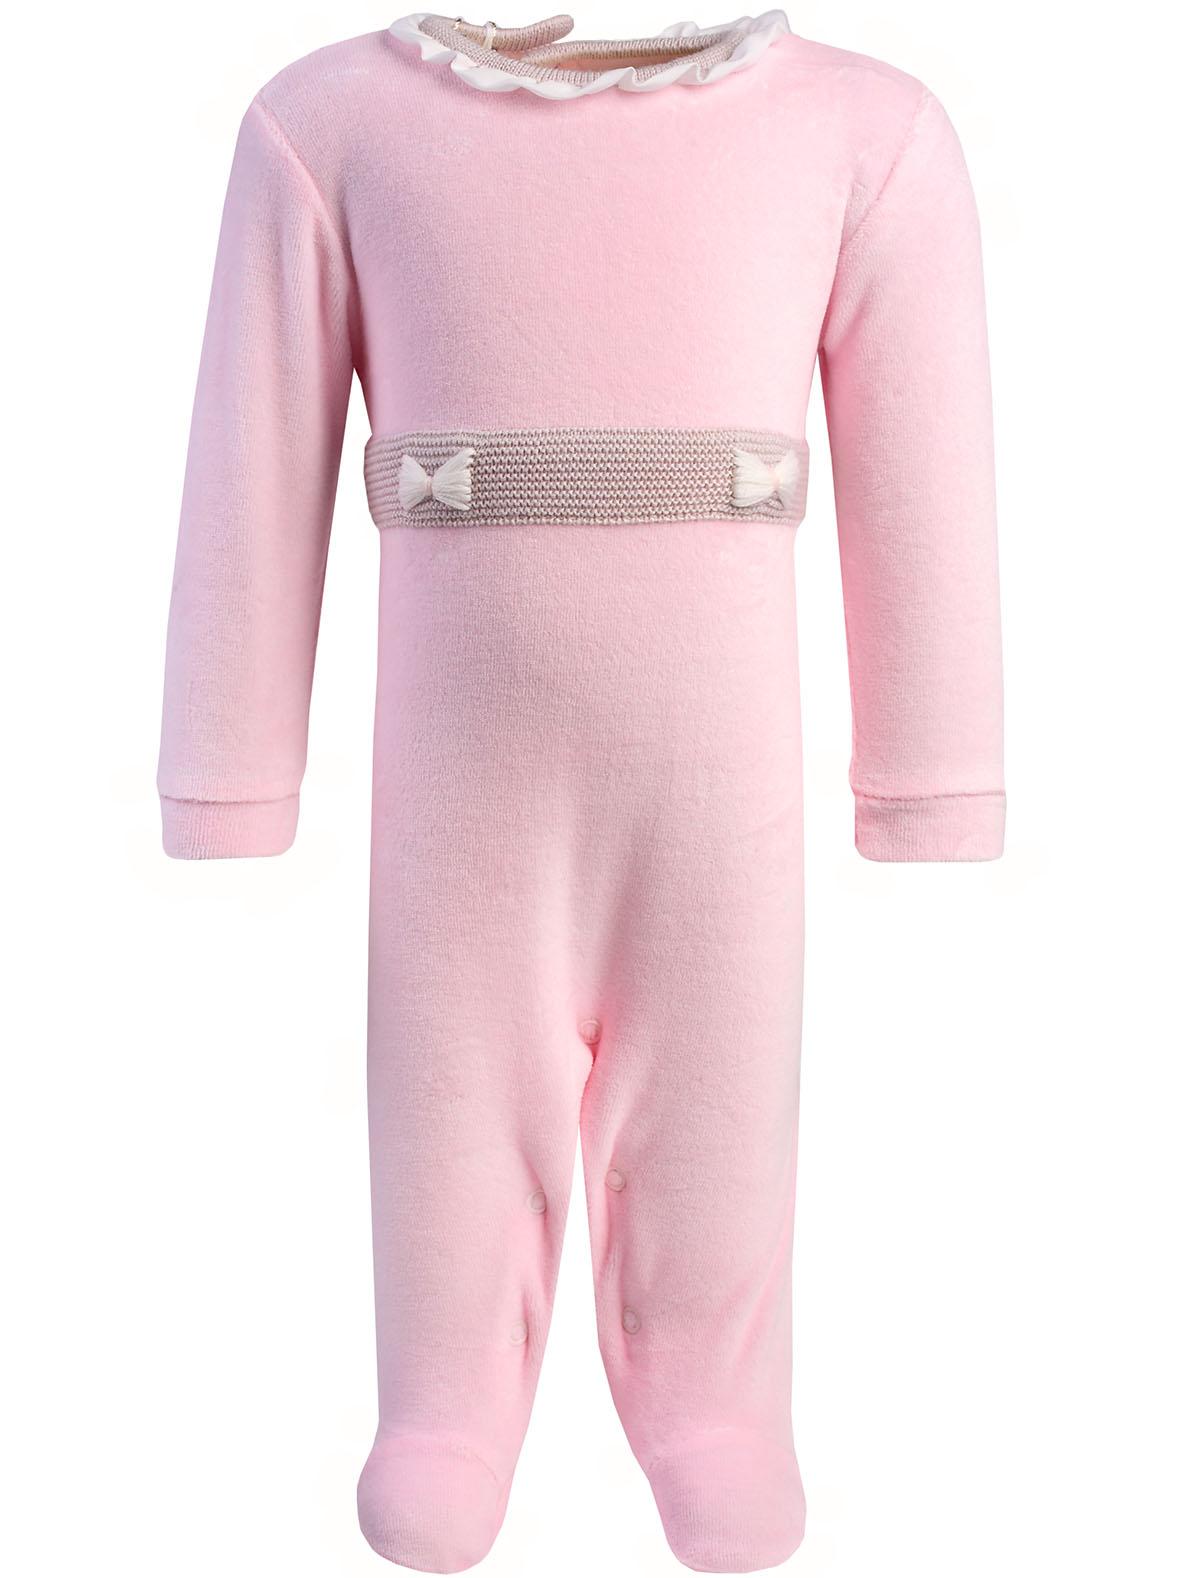 Купить 1896987, Комбинезон Stella Kids, розовый, Женский, 1282608680047